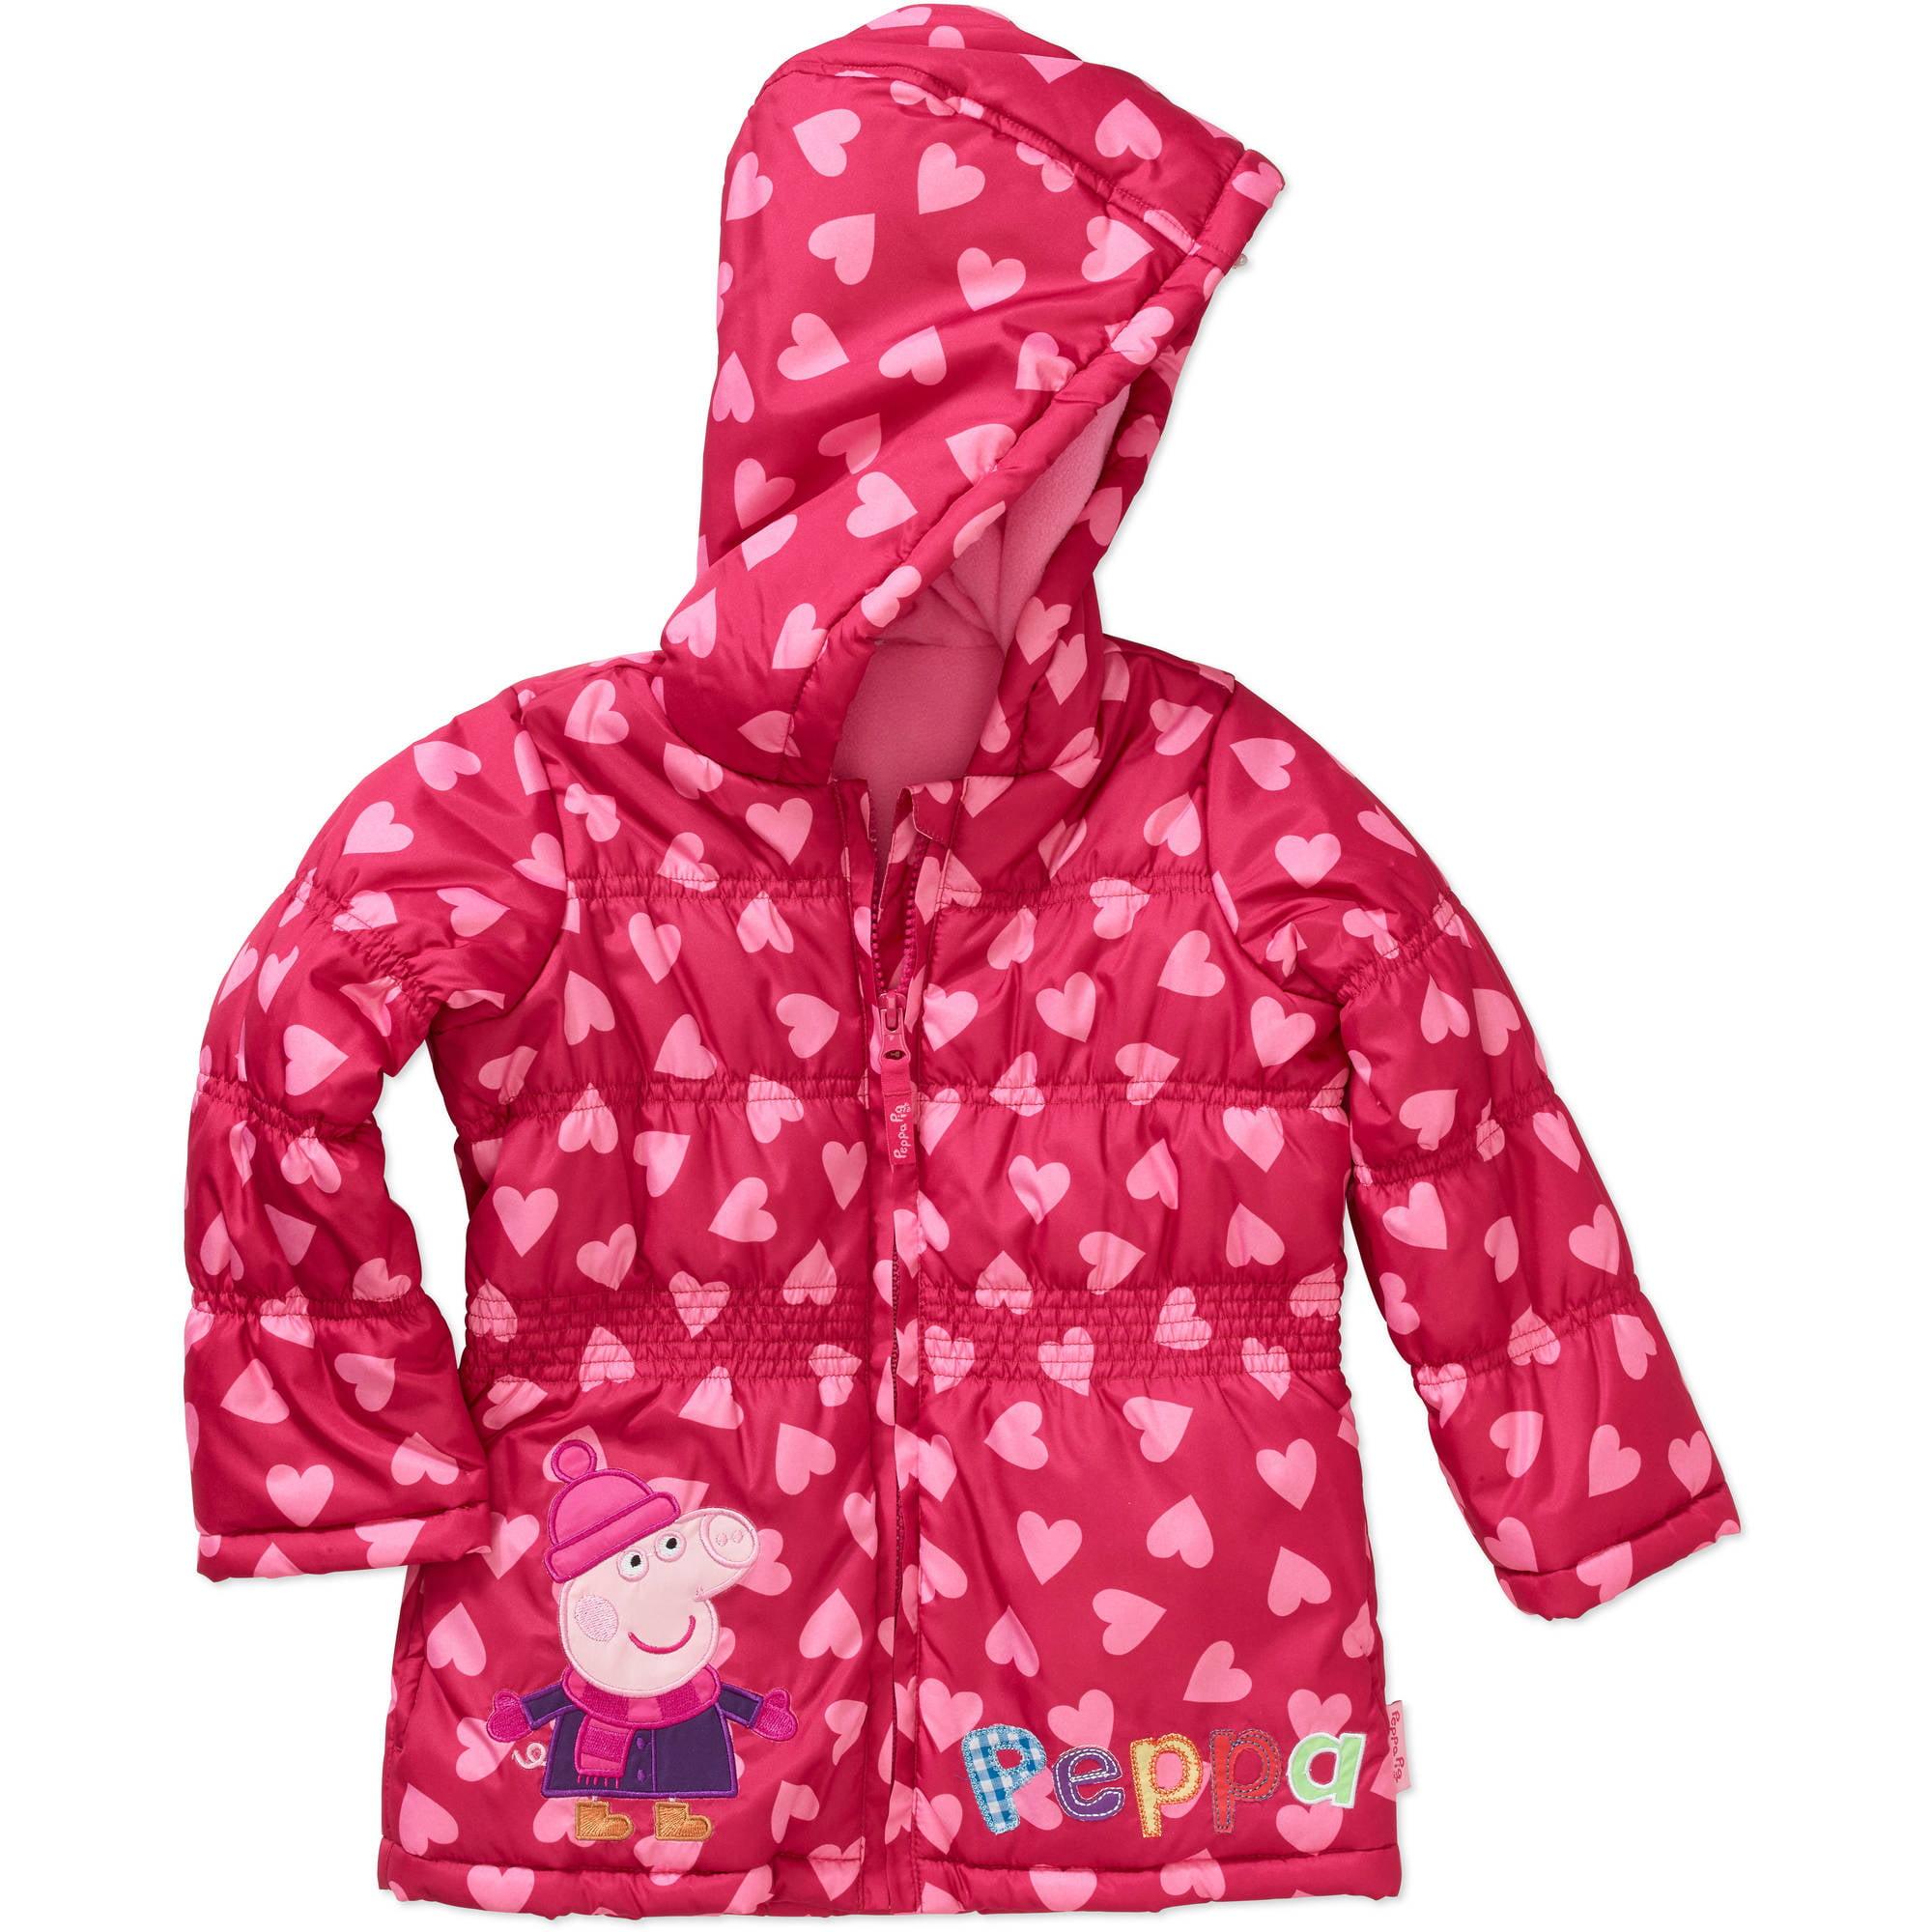 Peppa Pig Toddler Girl Puffer Jacket